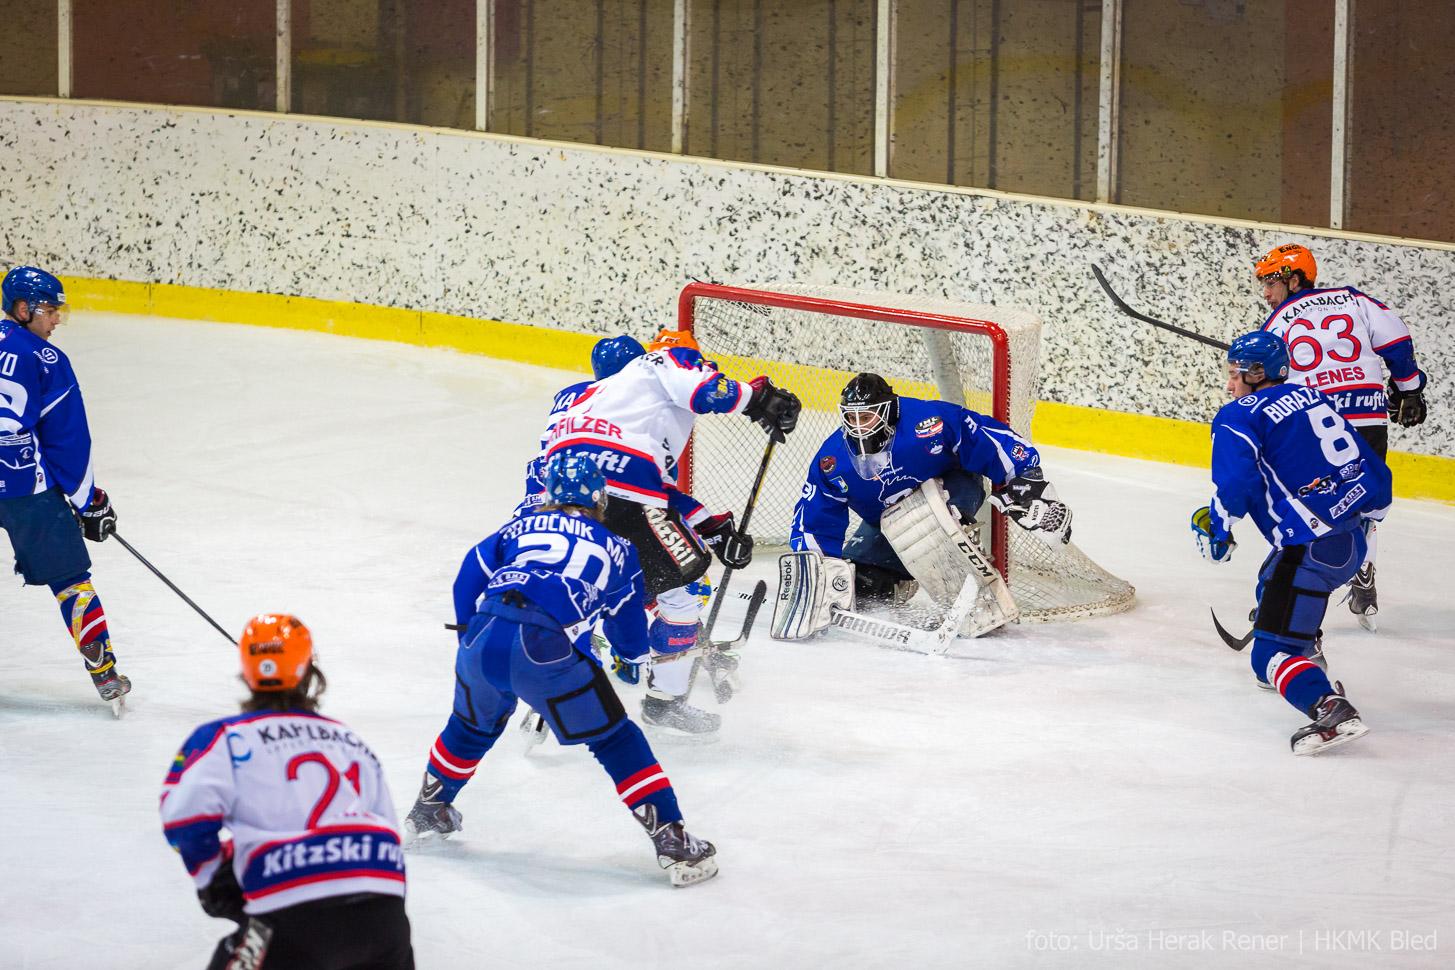 HKMK Bled vs. EC Kitzbühel